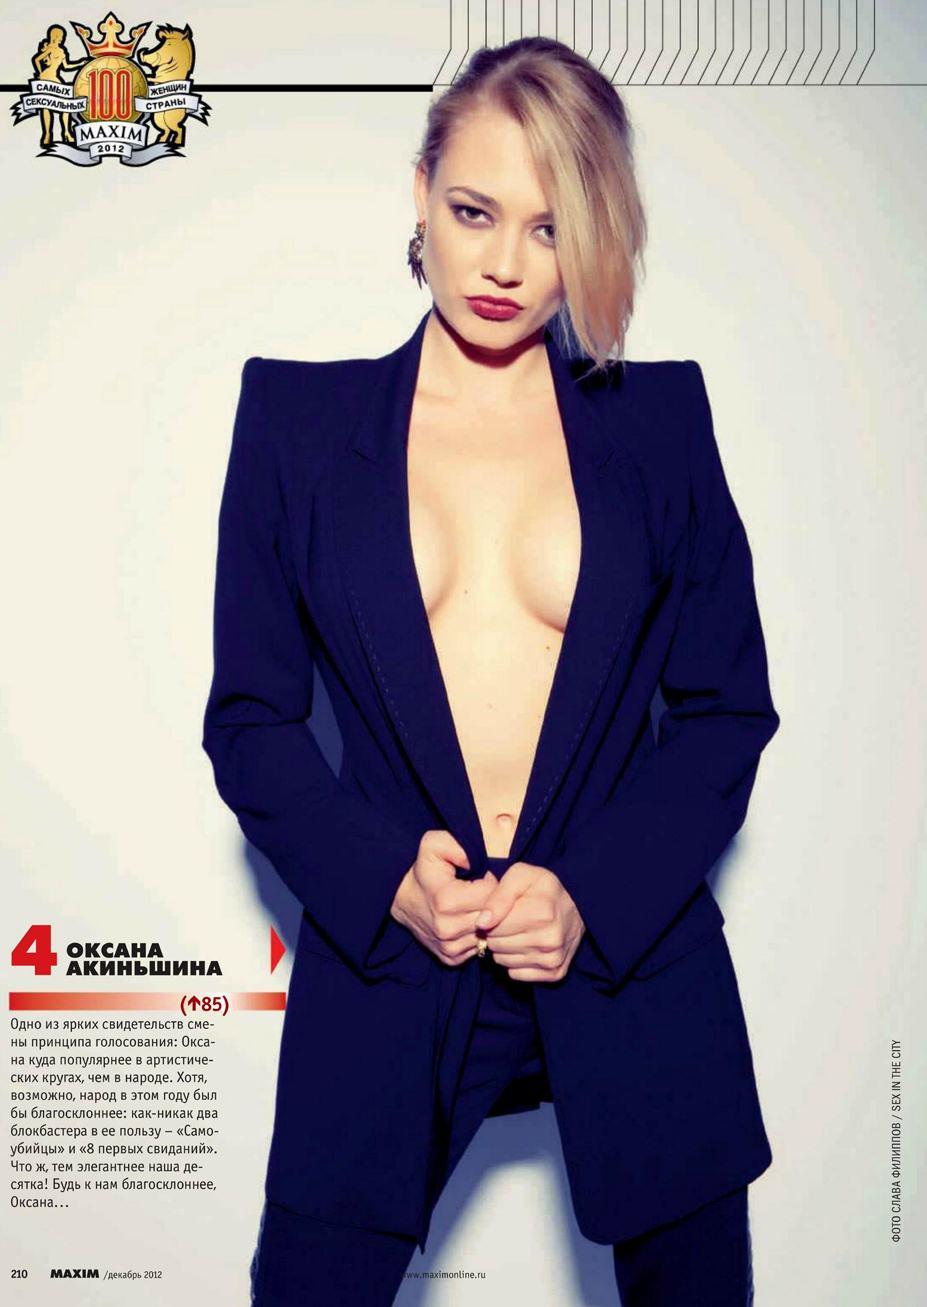 Оксана Акиньшина - 100 самых сексуальных женщин страны - Россия Maxim hot 100